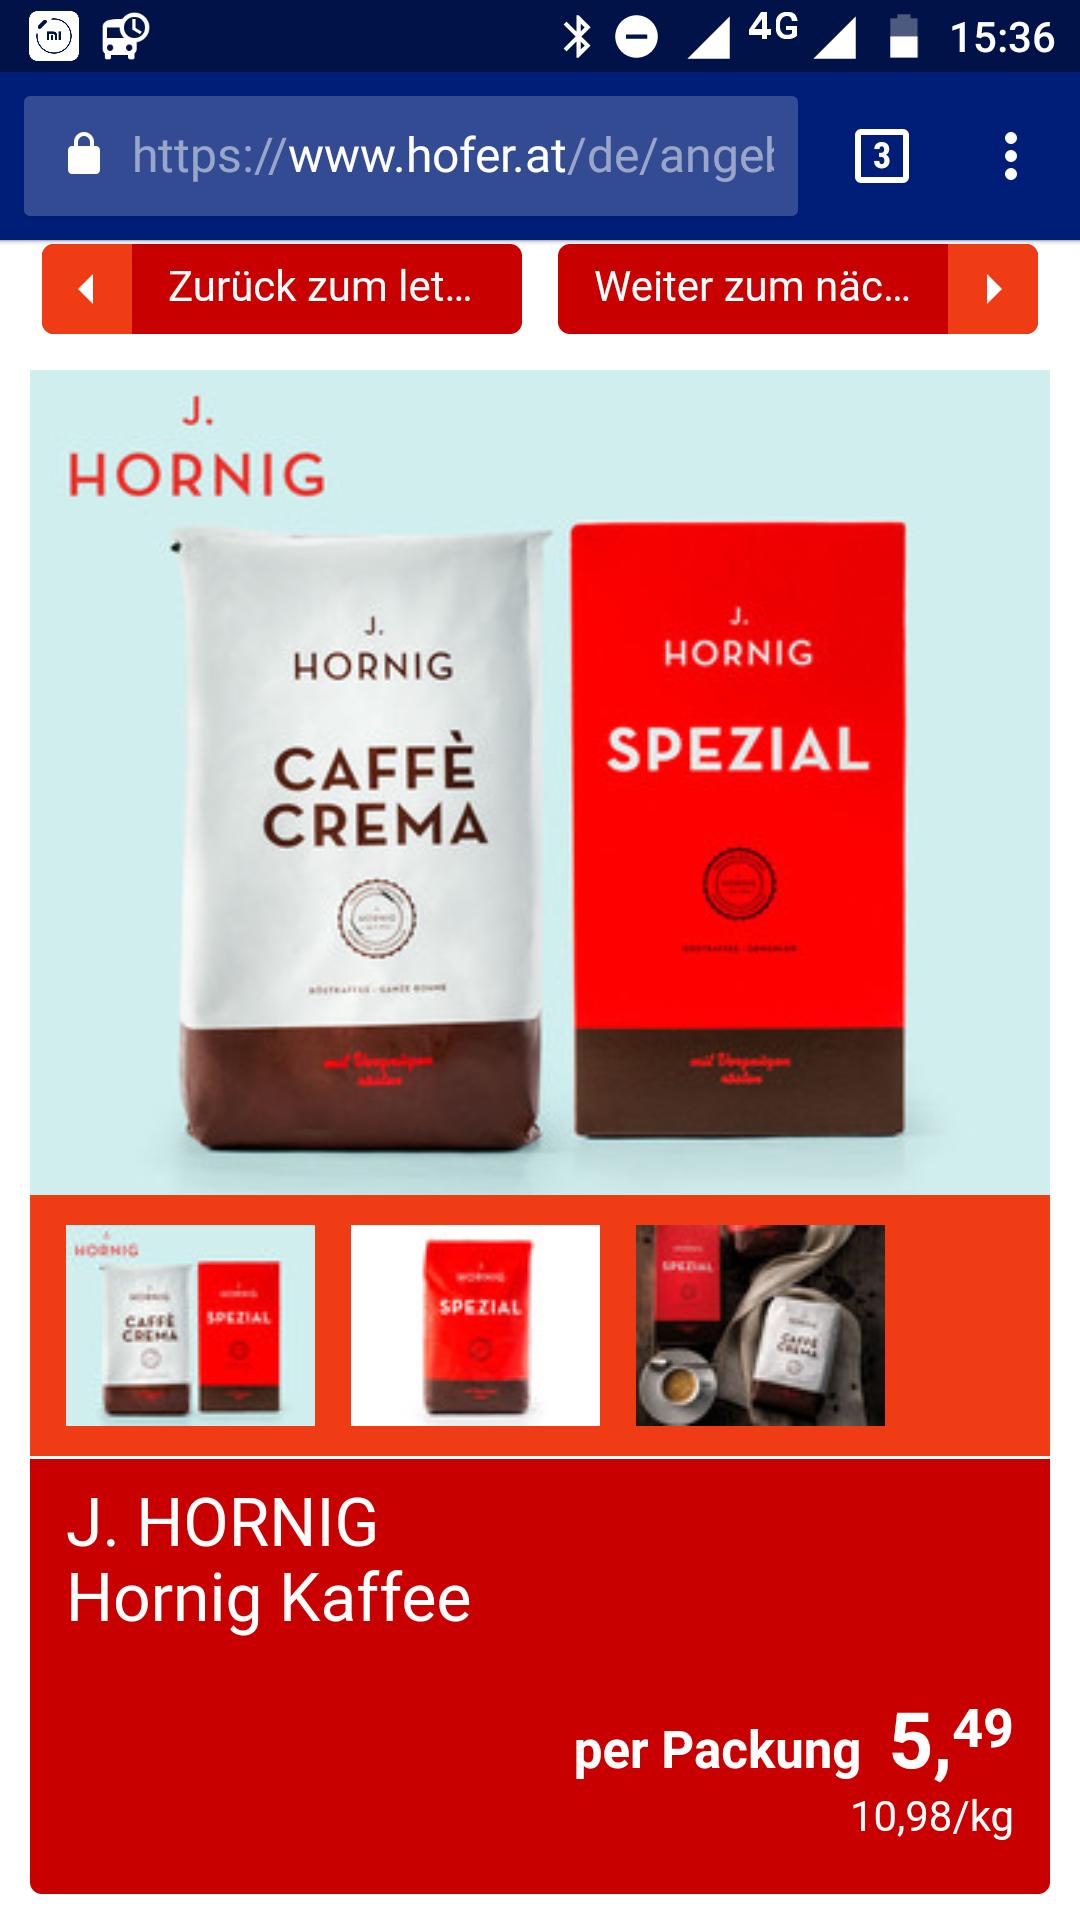 J. Hornig Spezial oder Crema